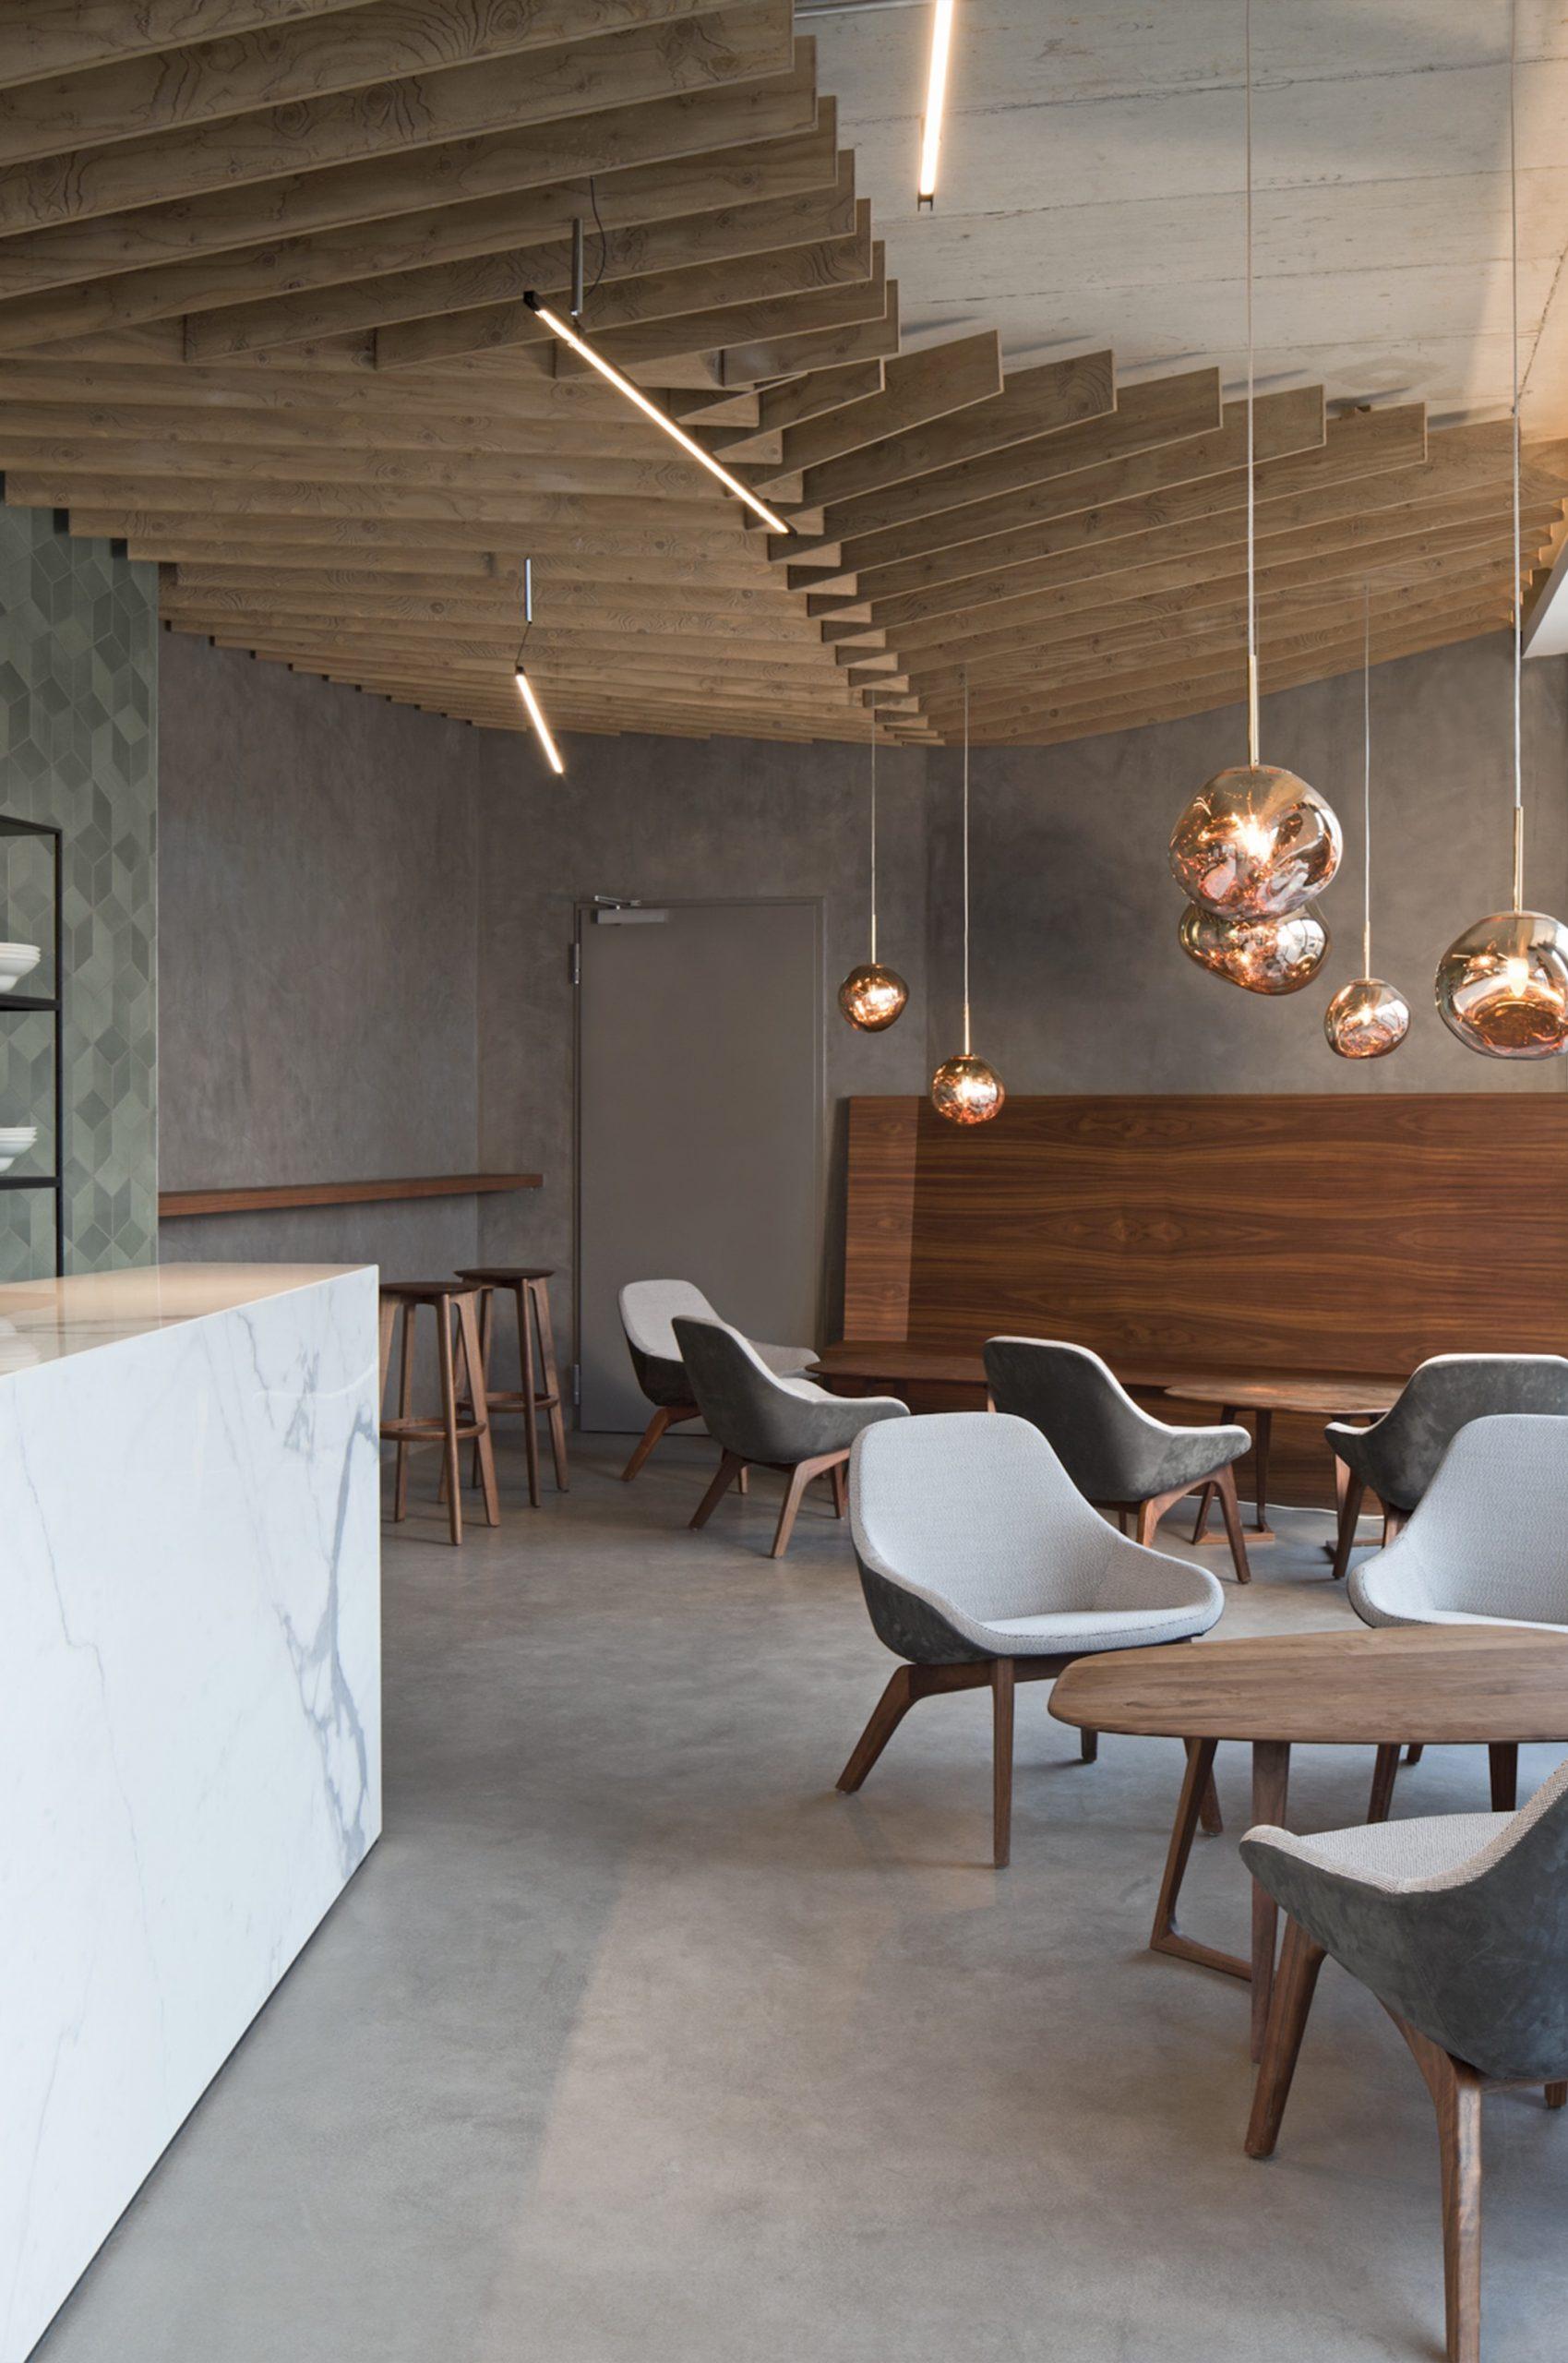 Inneneinrichtung Café Wagners München TKEZ Architekturbüro Innenansicht mit Interieur